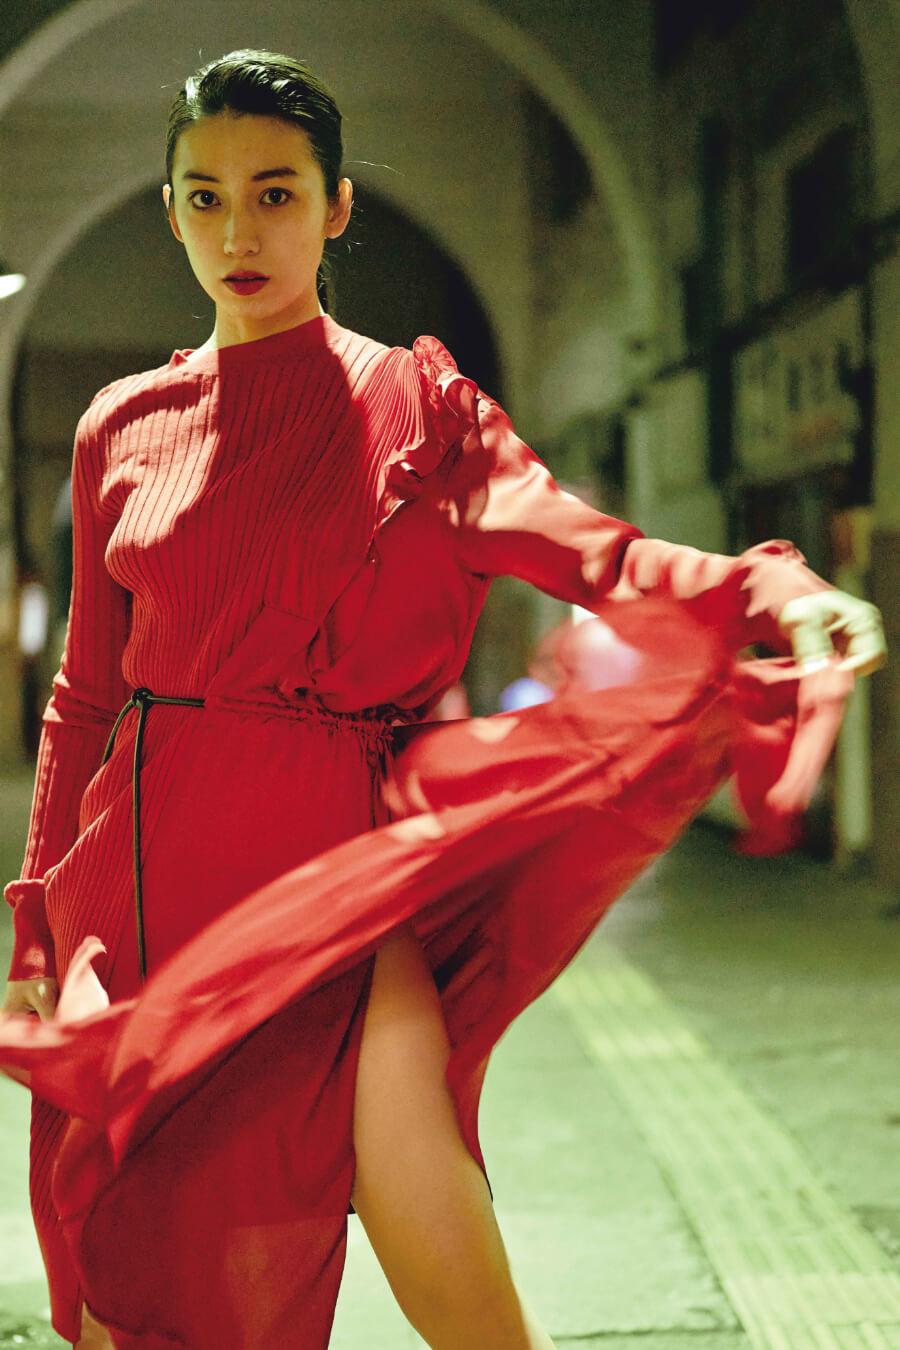 写真は赤色の服を着たショットⒸ熊谷貫/講談社